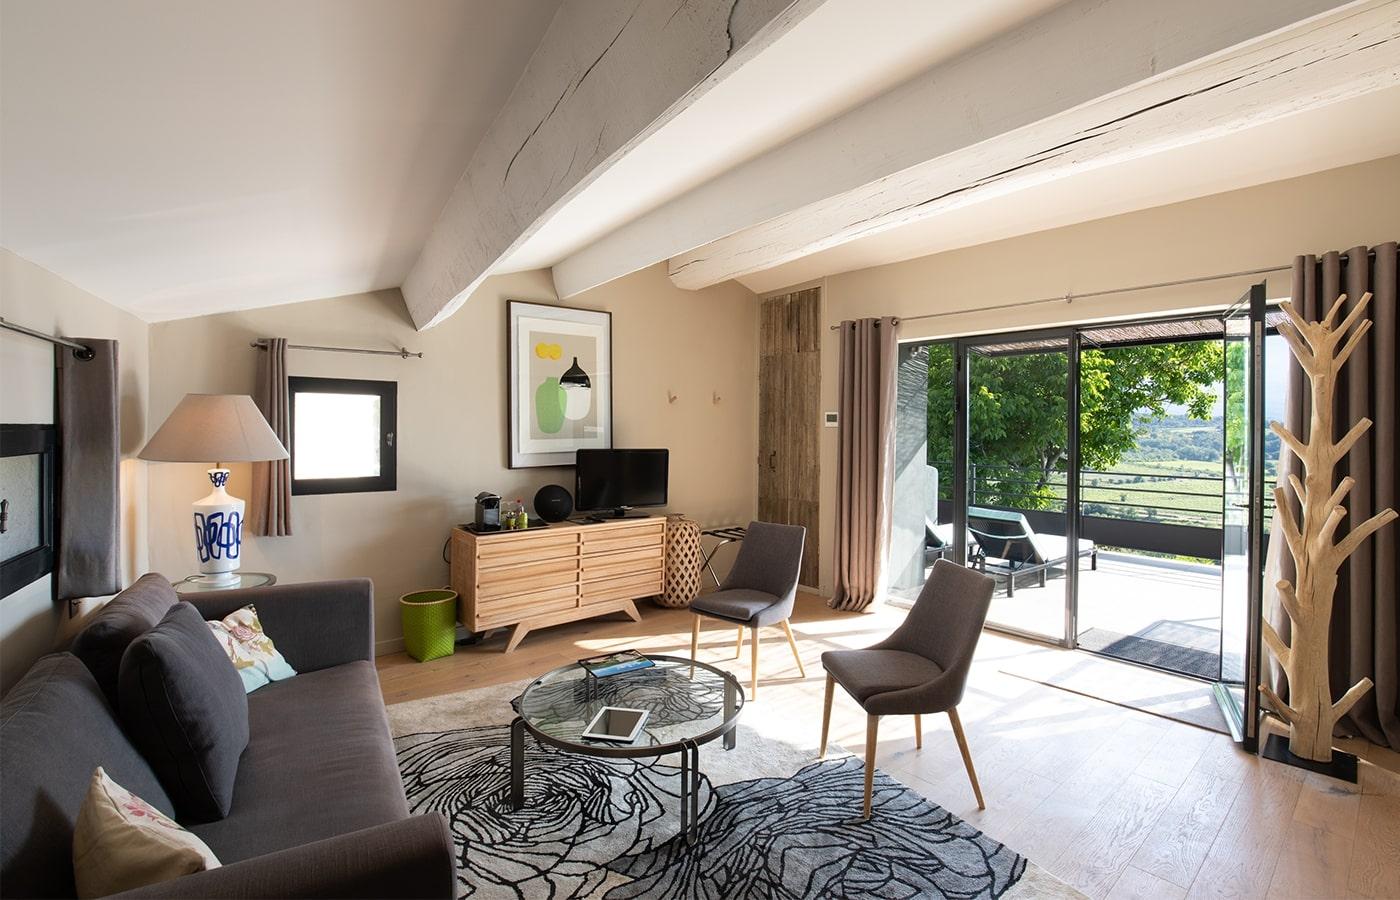 La Maison de Crillon - Hotel de charme - Vaucluse